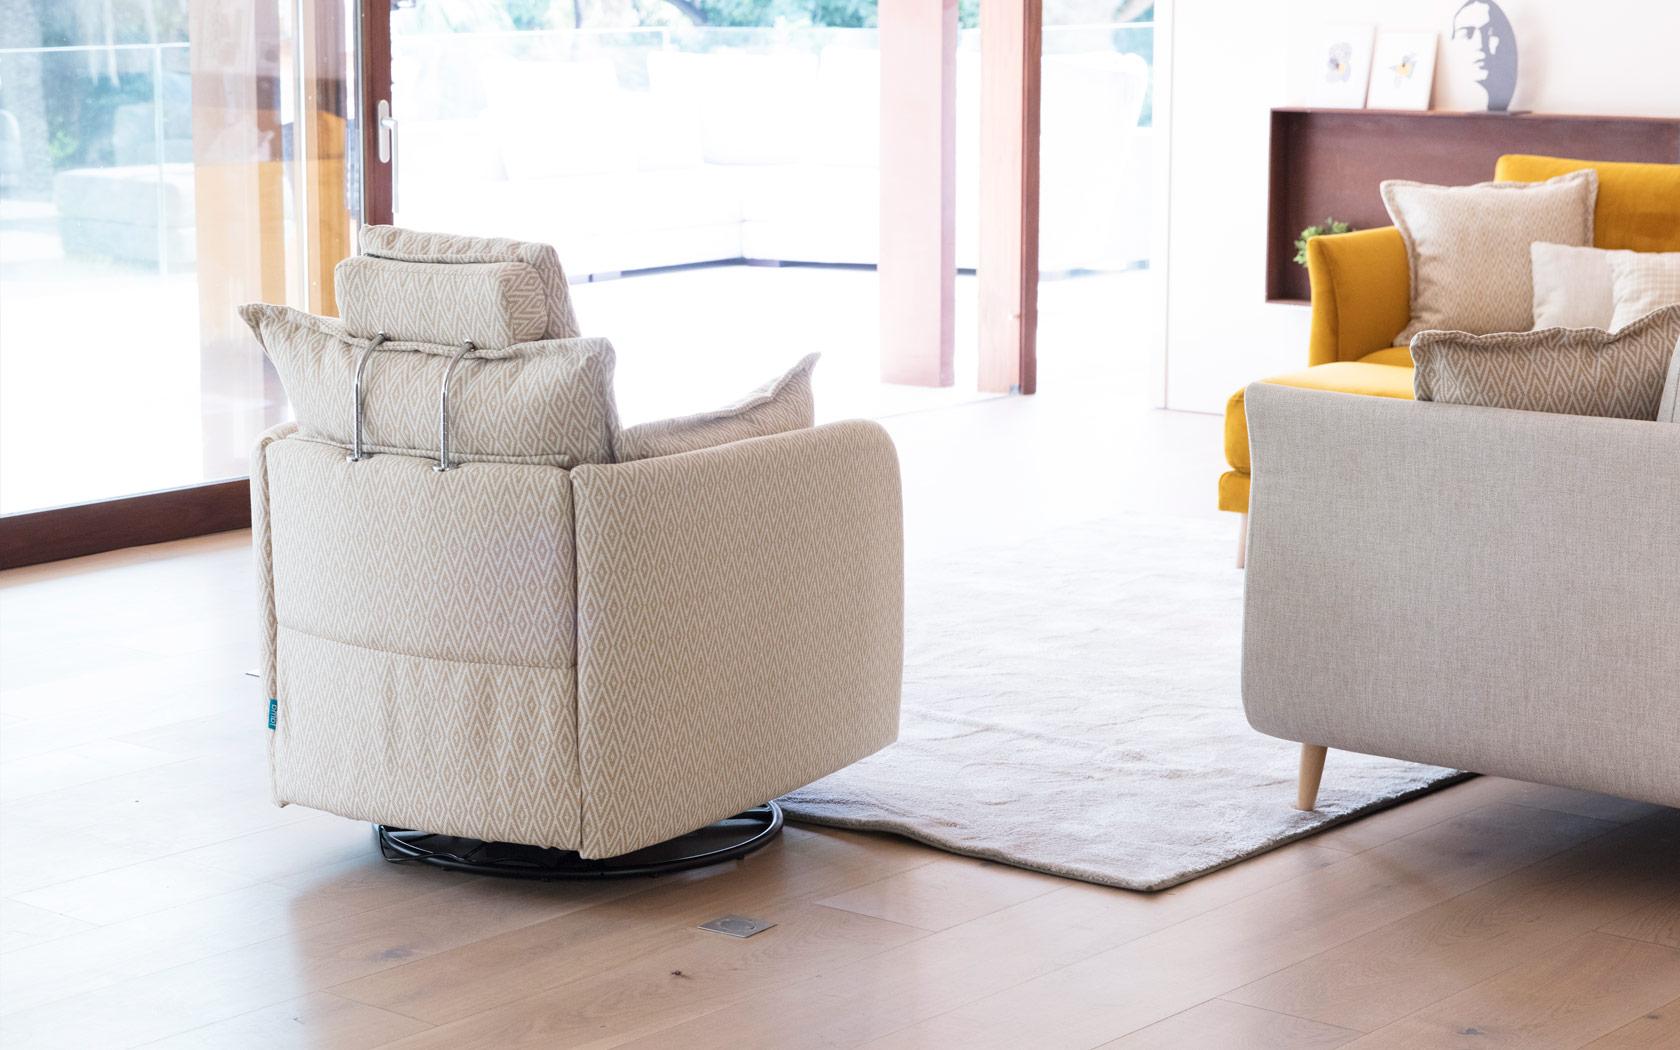 Nadia sillón relax 2020 03